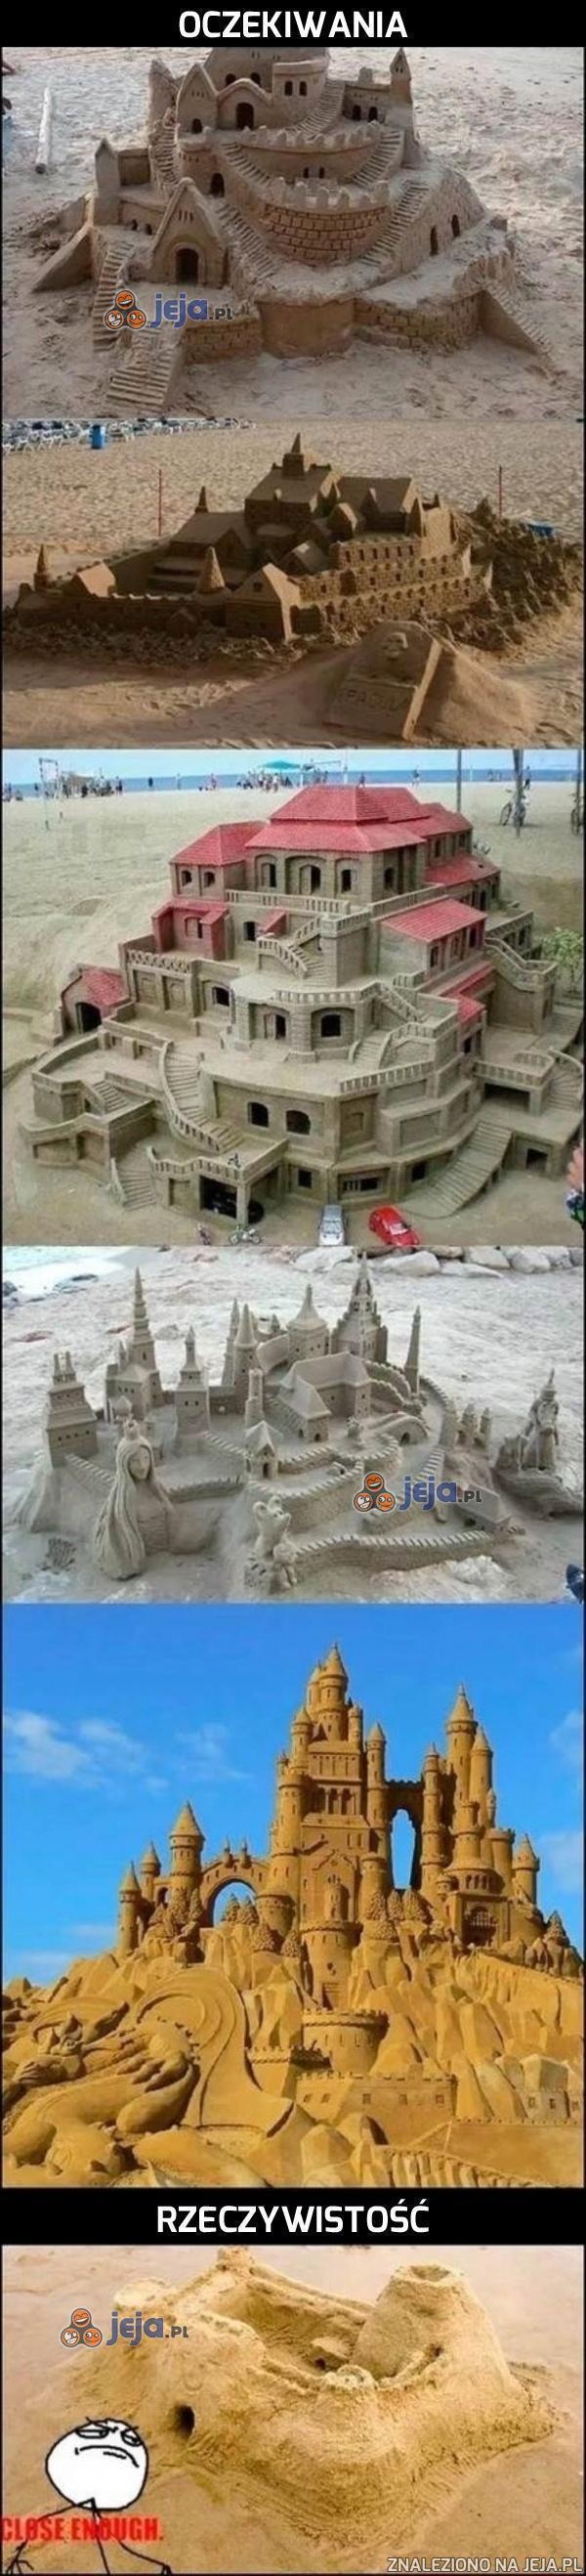 Zamki z piasku - Oczekiwania kontra rzeczywistość